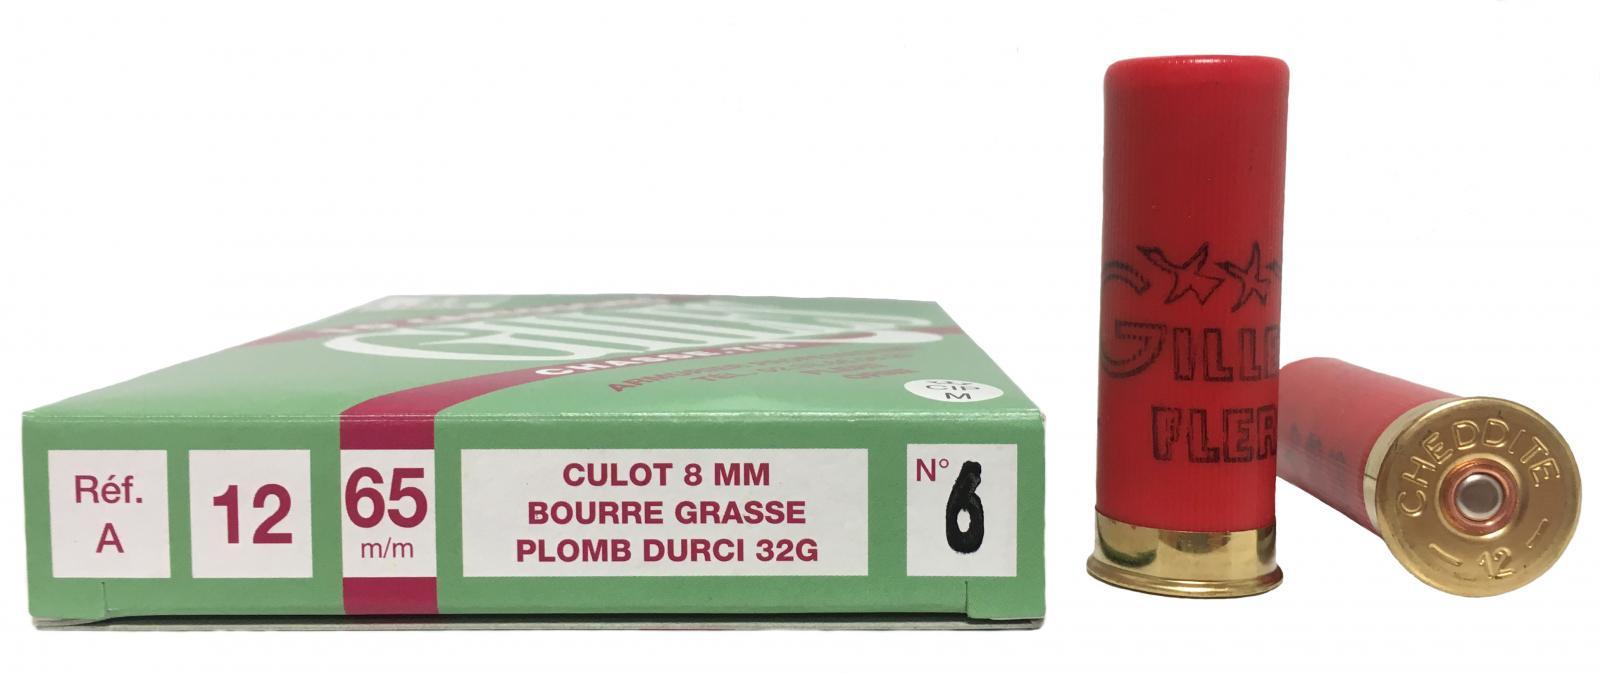 Boite de 10 cartouches 12 / 65 Petit culot 32 grs A1